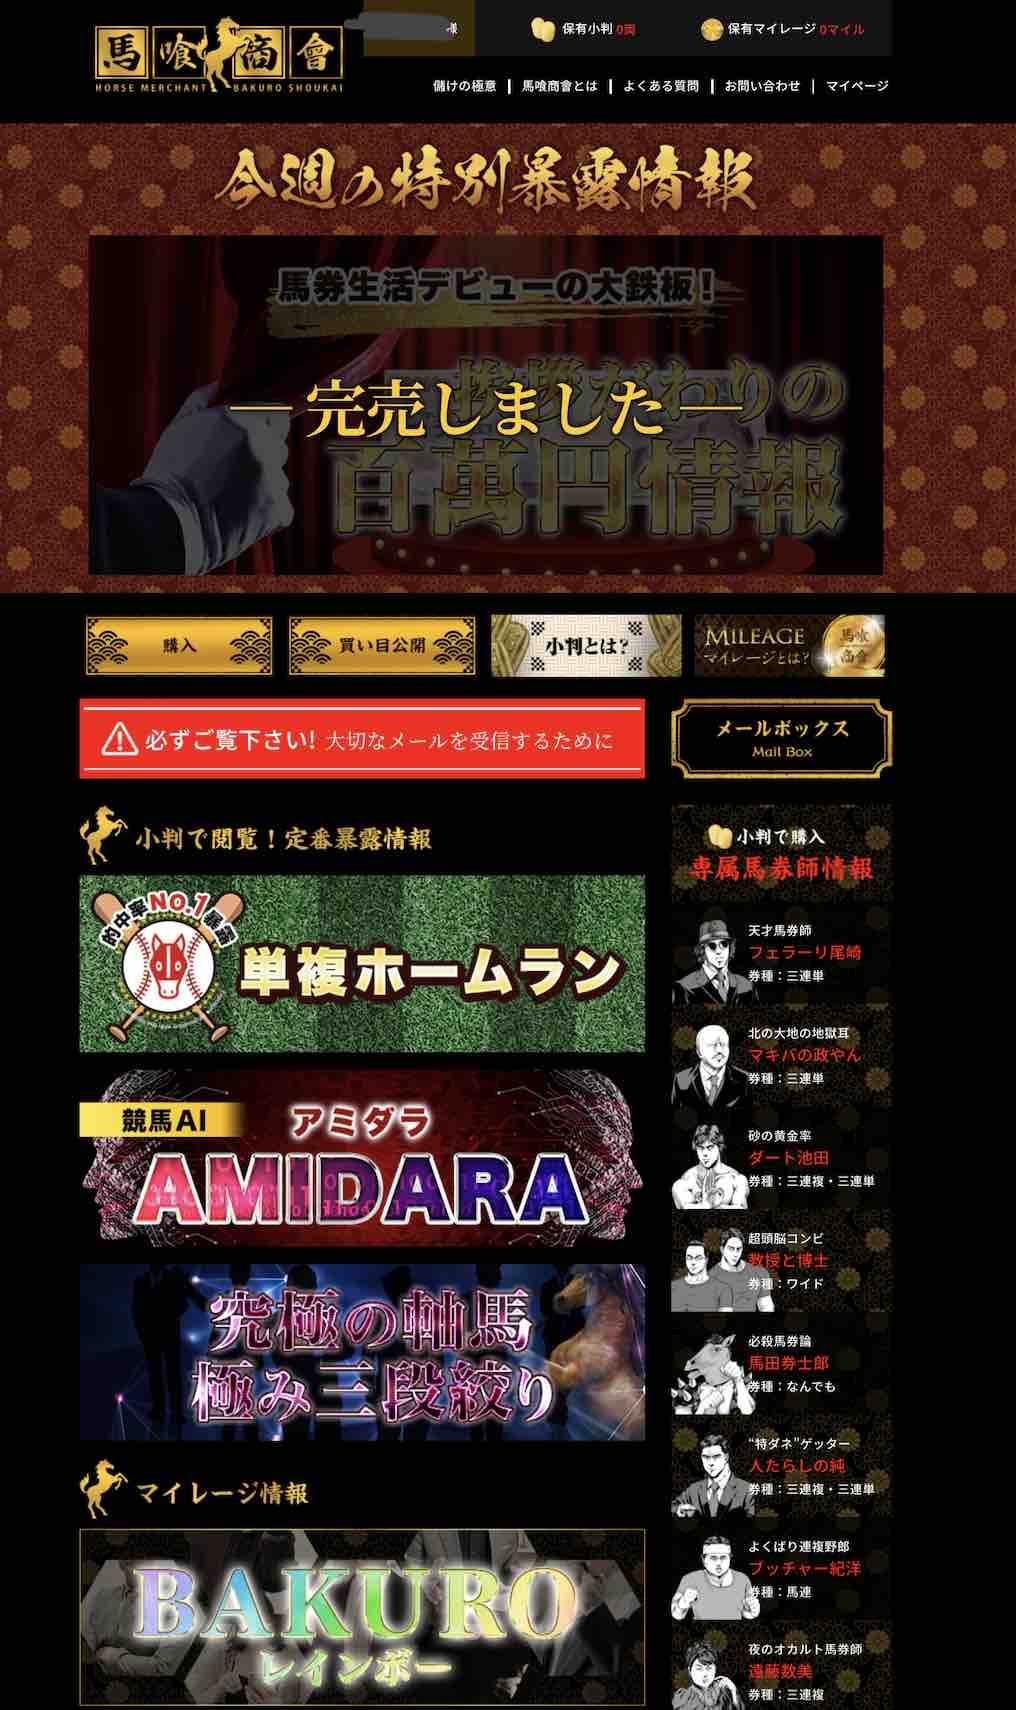 馬喰商會(馬喰商会)という競馬予想サイトの会員ページ